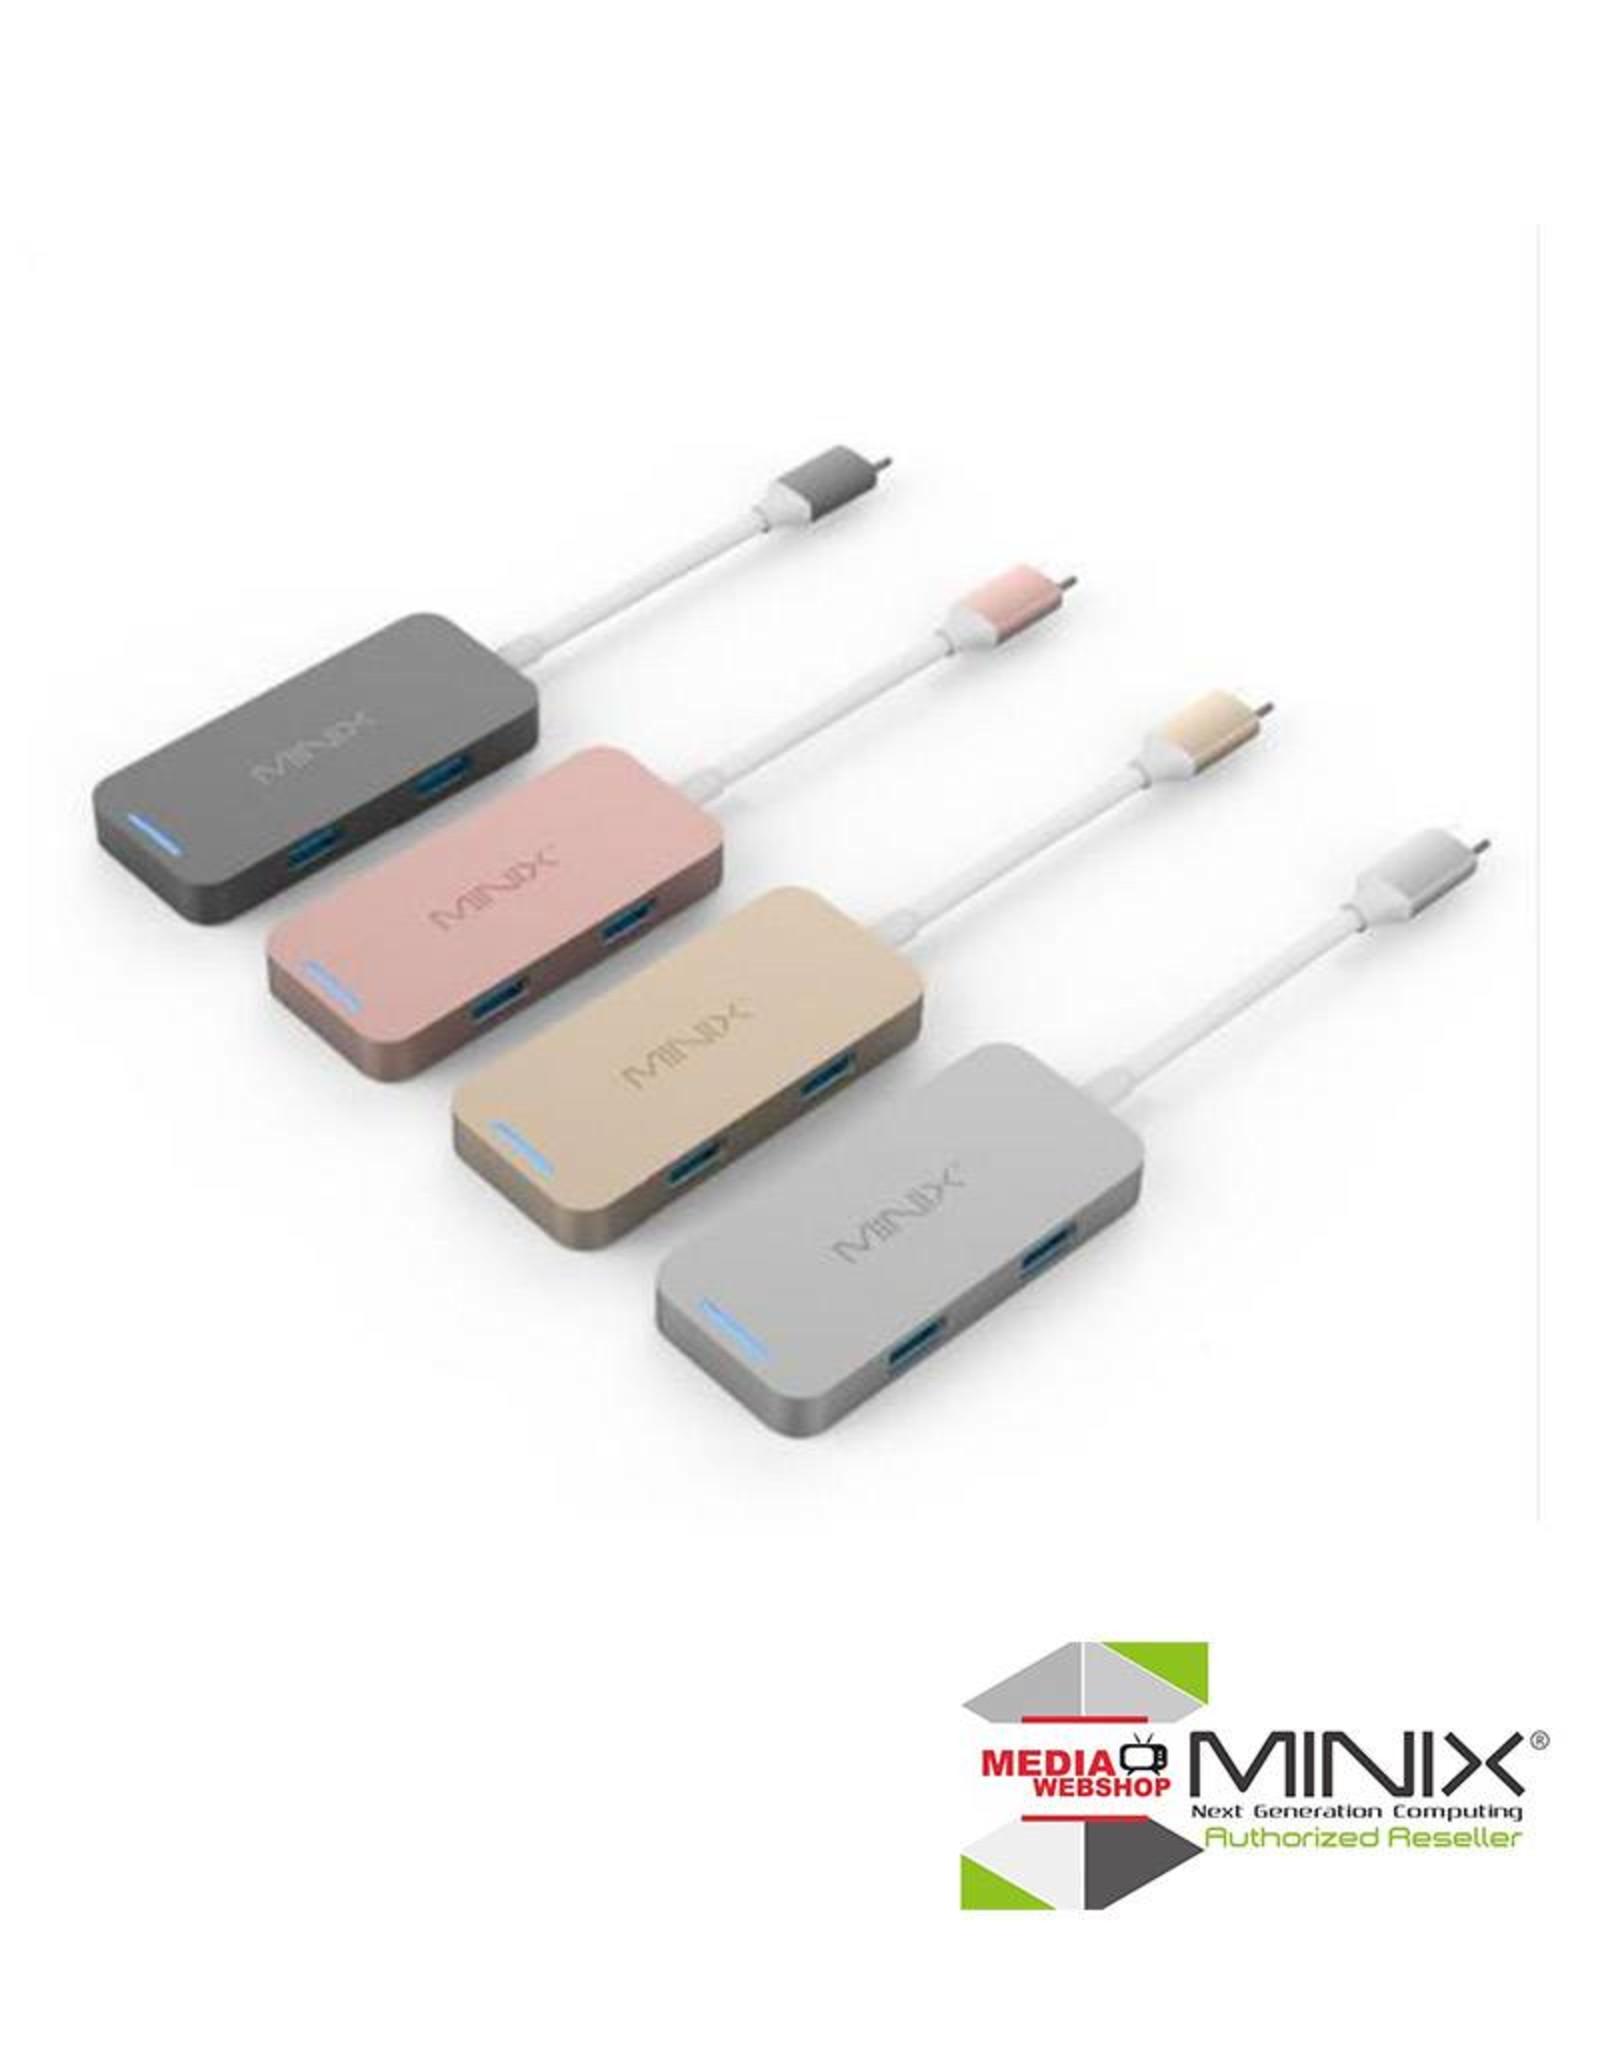 Minix Minix NEO C Mini Usb-C Multiport Adapter